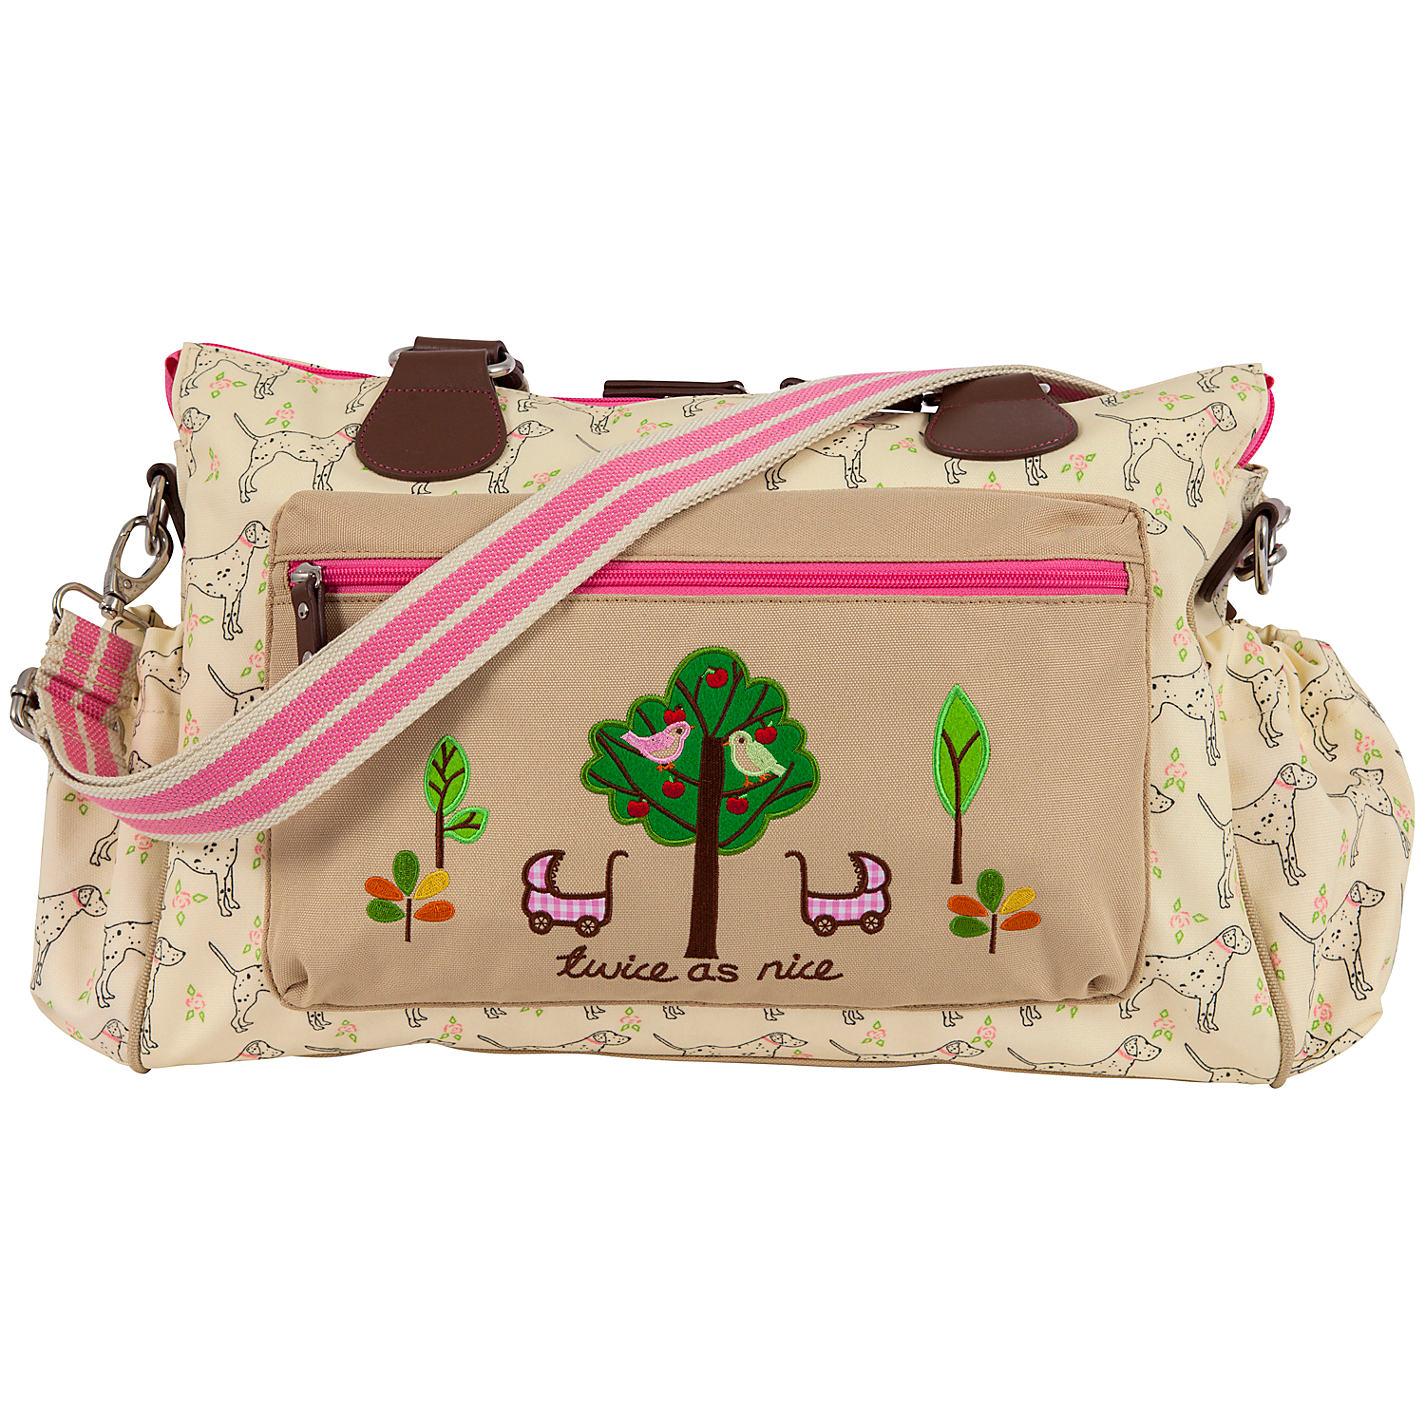 Buy paper bags online uk